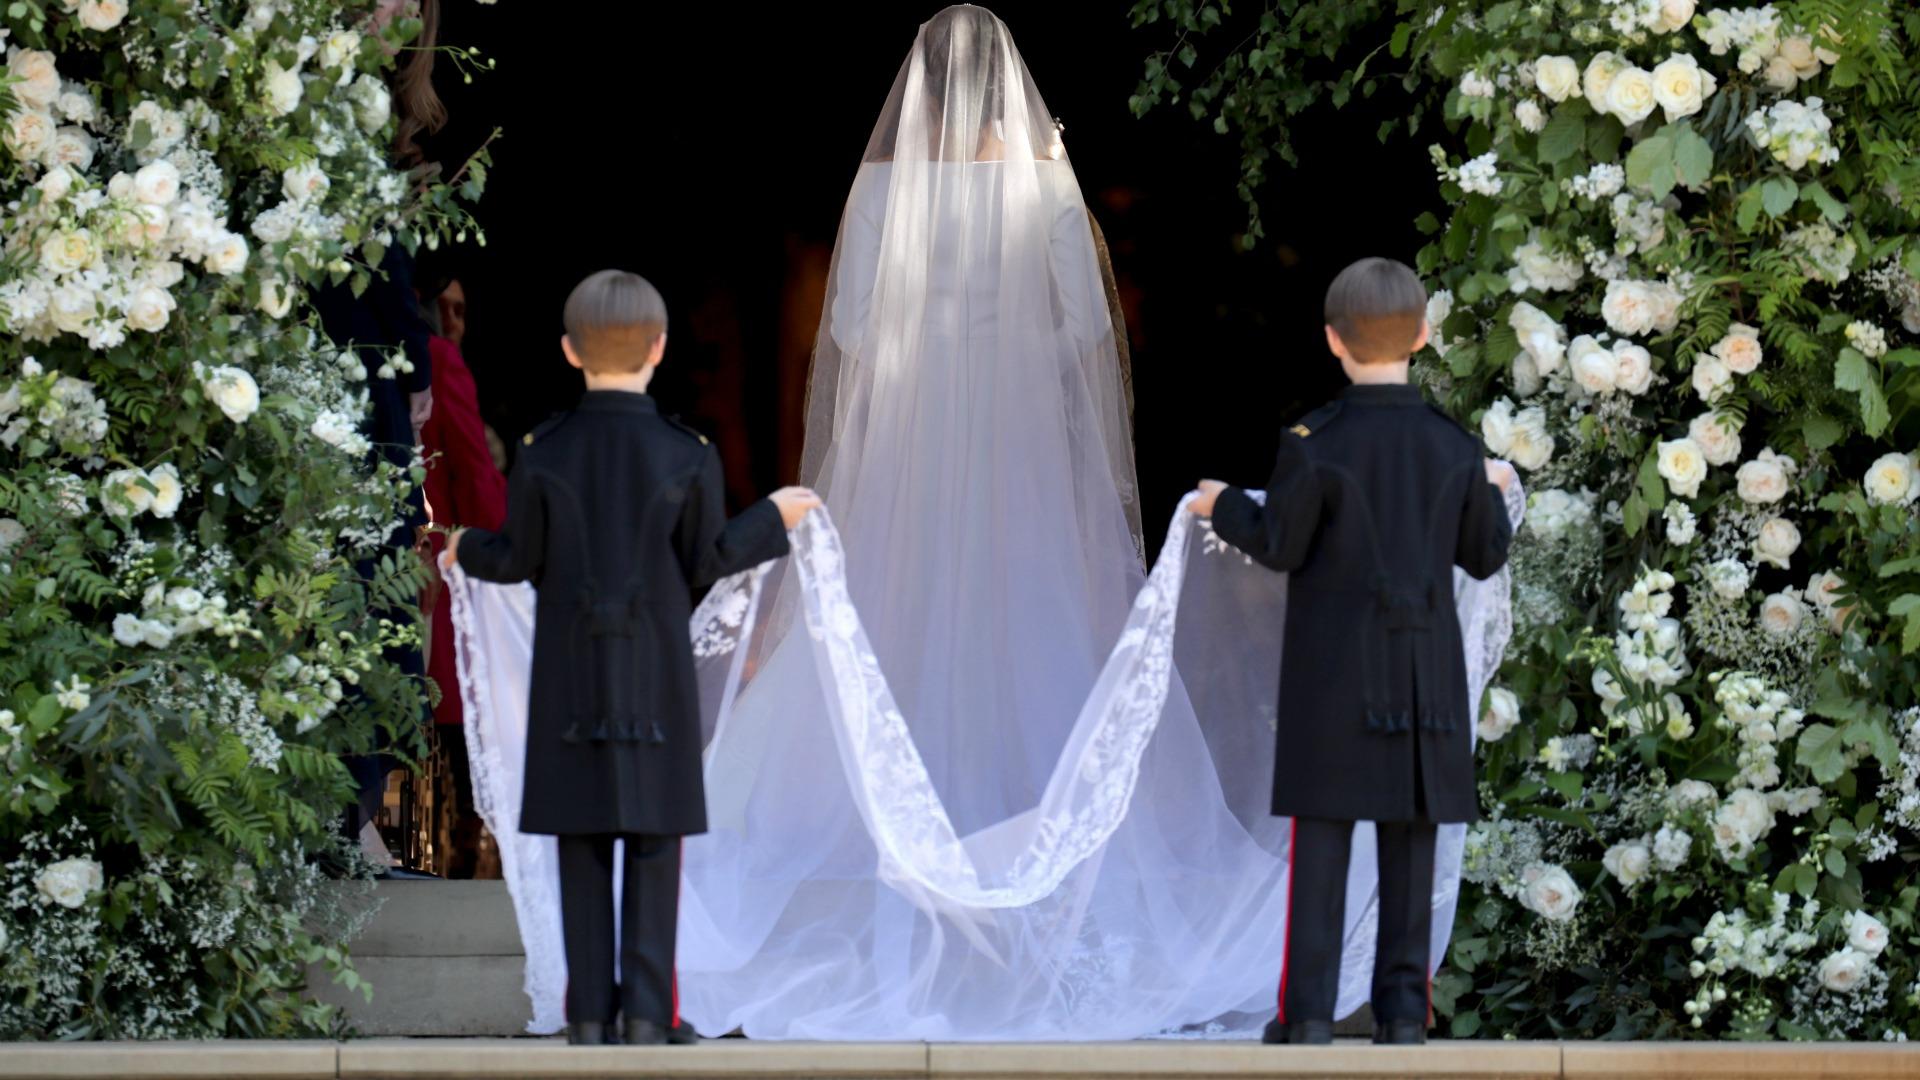 Meghan Markle's veil